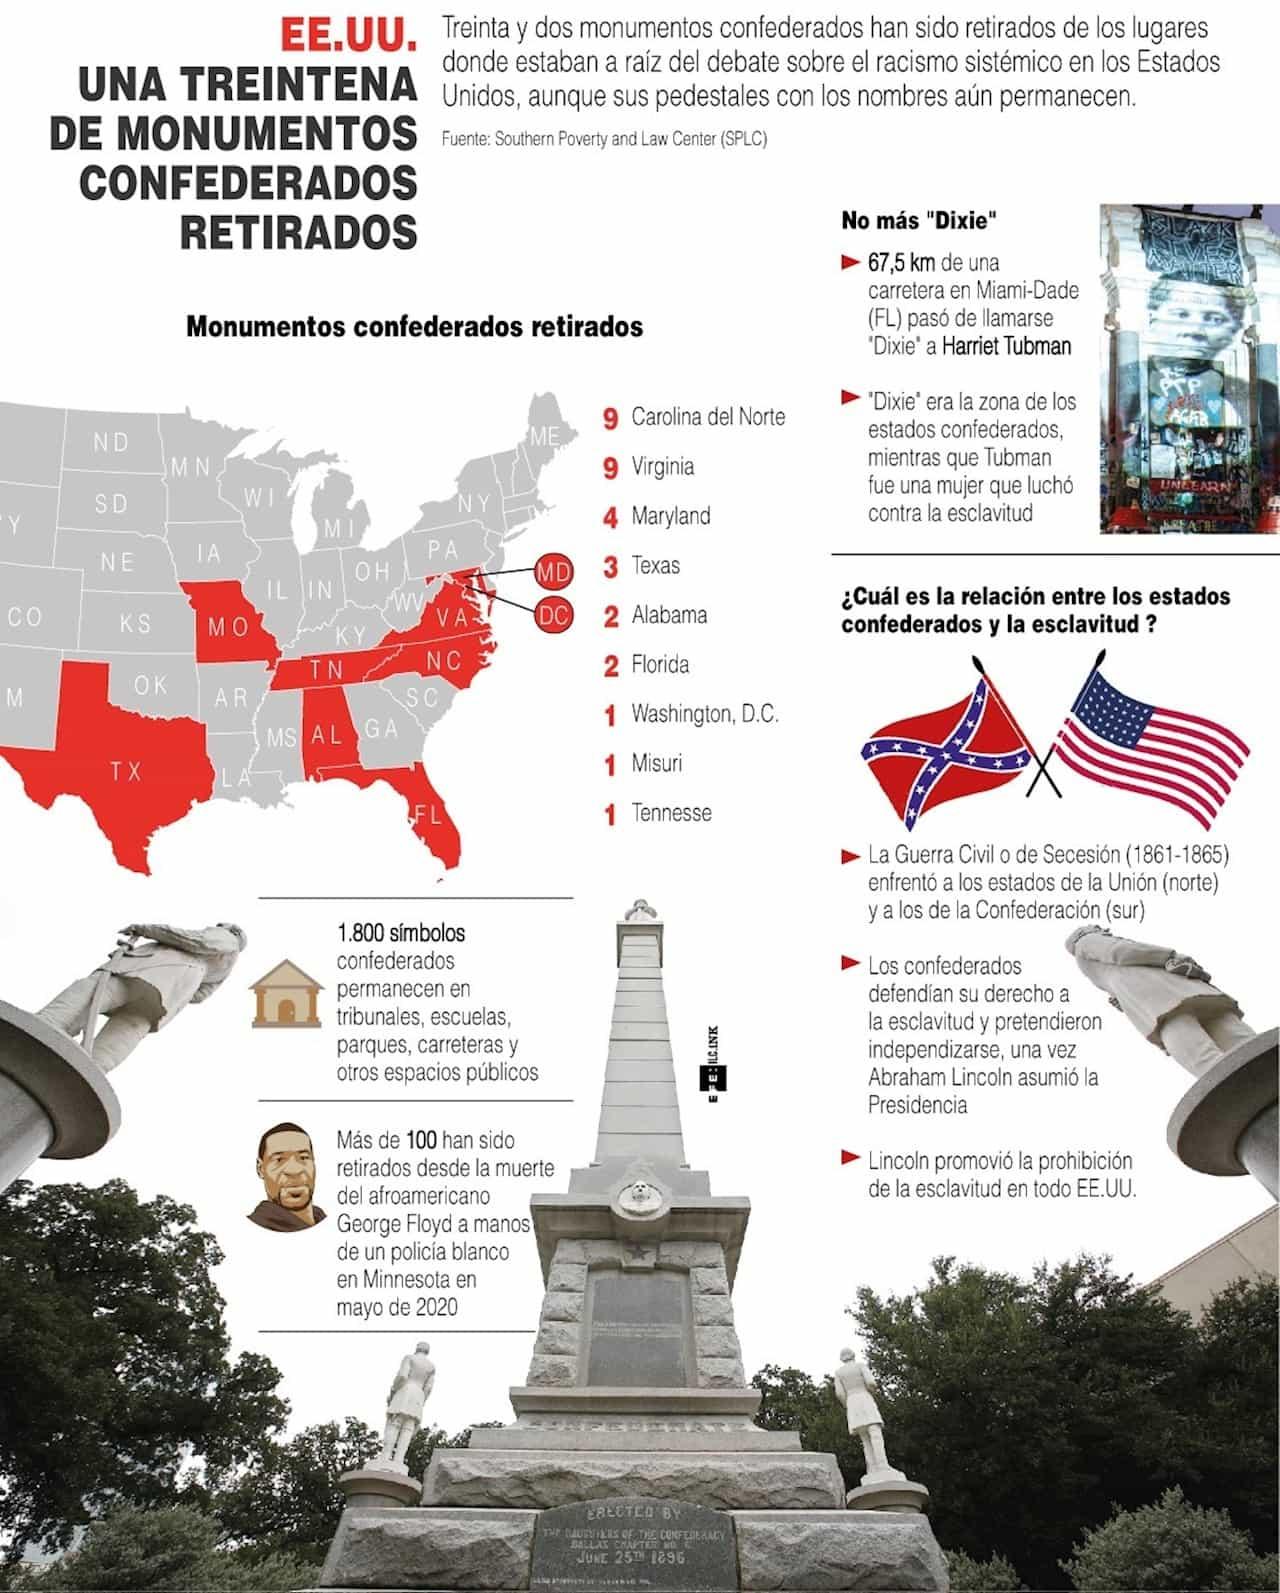 [Infografía] EE. UU.: una treintena de monumentos confederados retirados 1